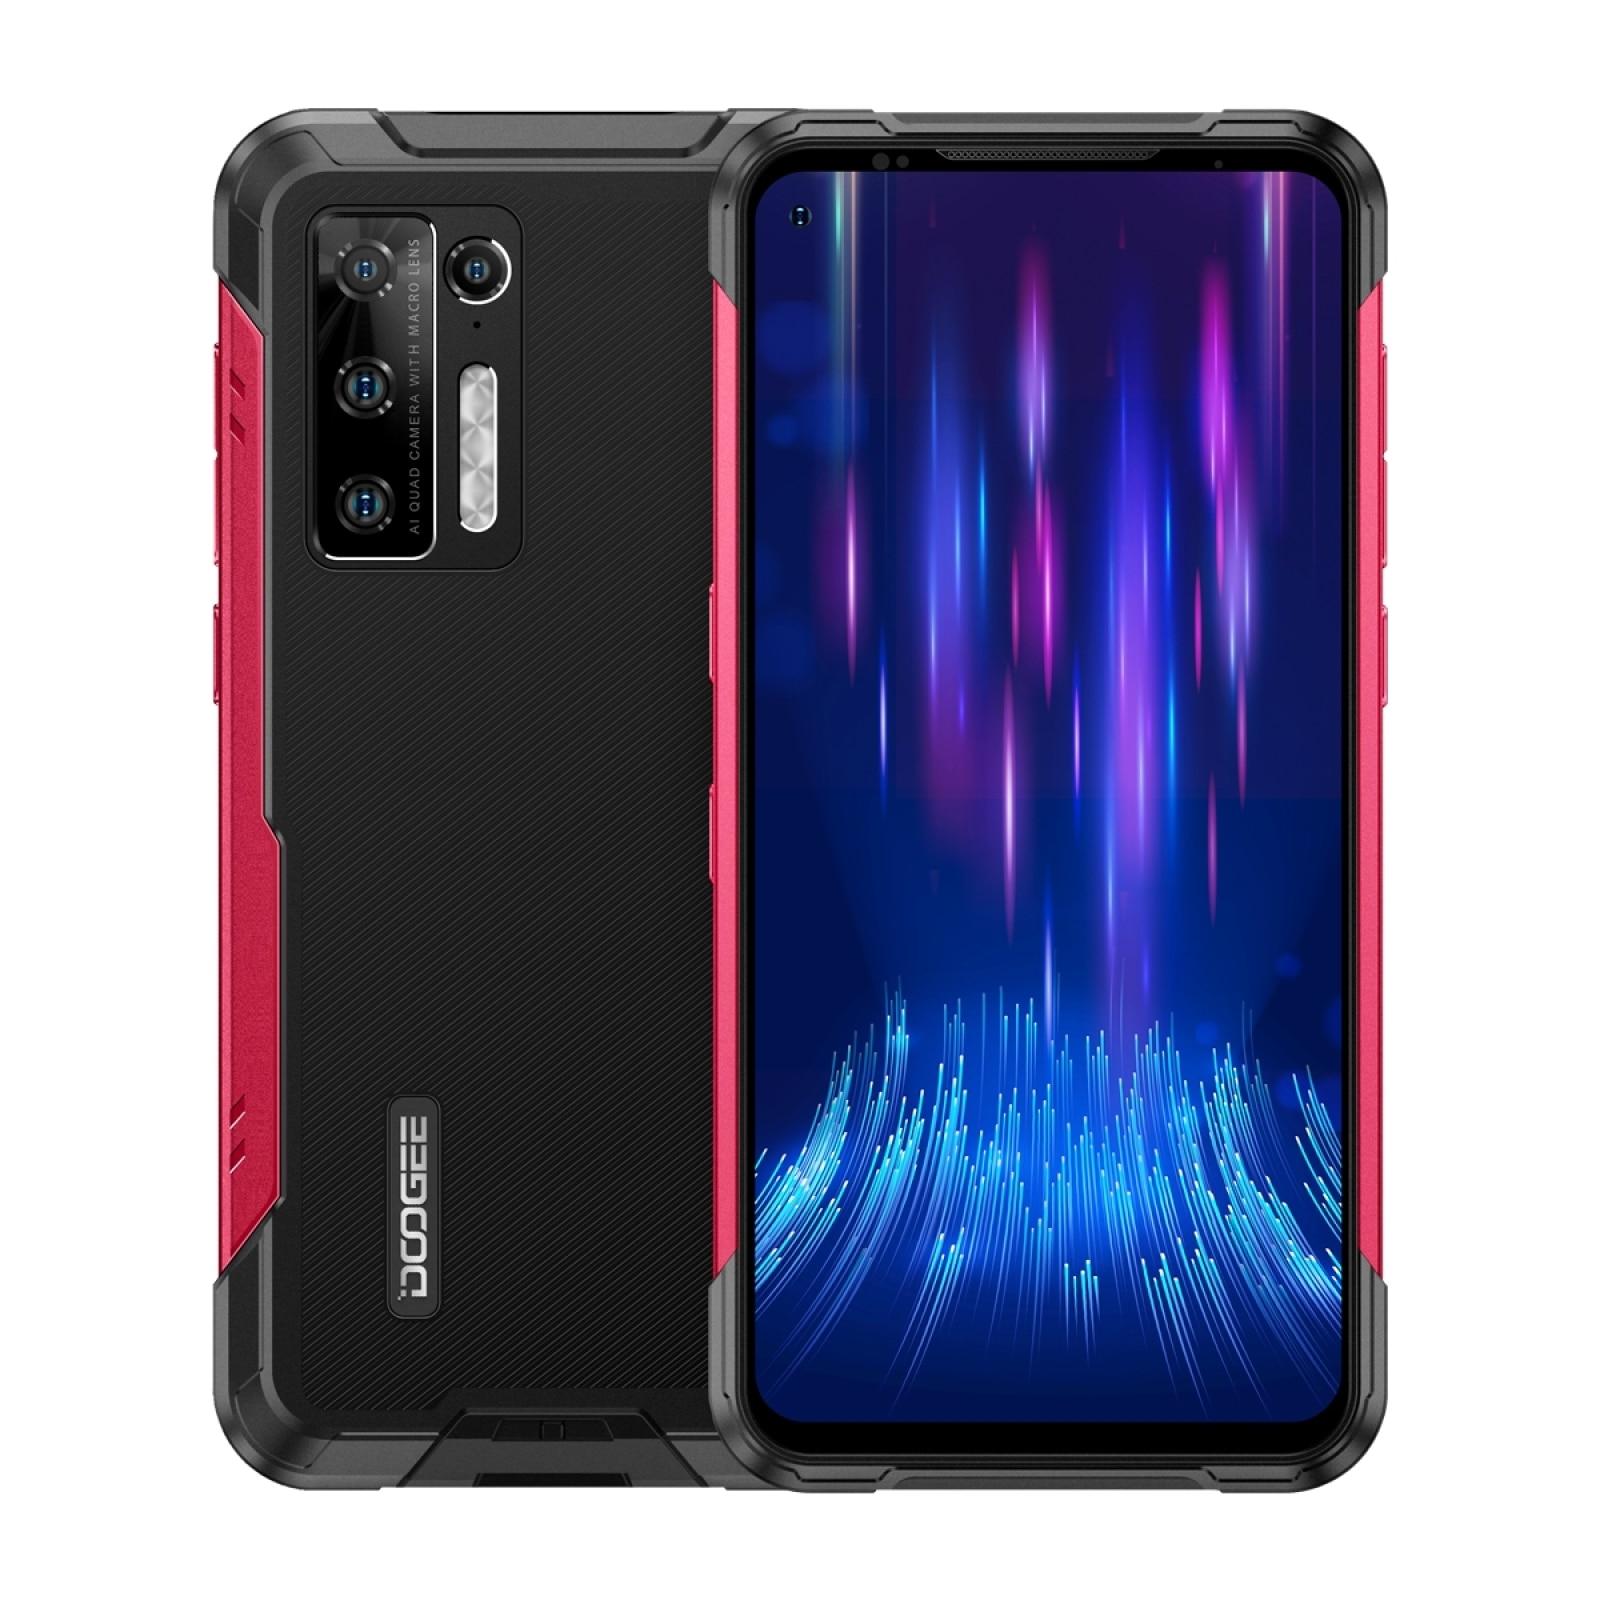 Смартфон DOOGEE S97 Pro защищенный, 128 Гб ПЗУ, 8 ГБ ОЗУ, Android 11, Восьмиядерный процессор Helio G95, экран 6,39 дюйма, лазерный дальномер 48 МП, 8500 мАч